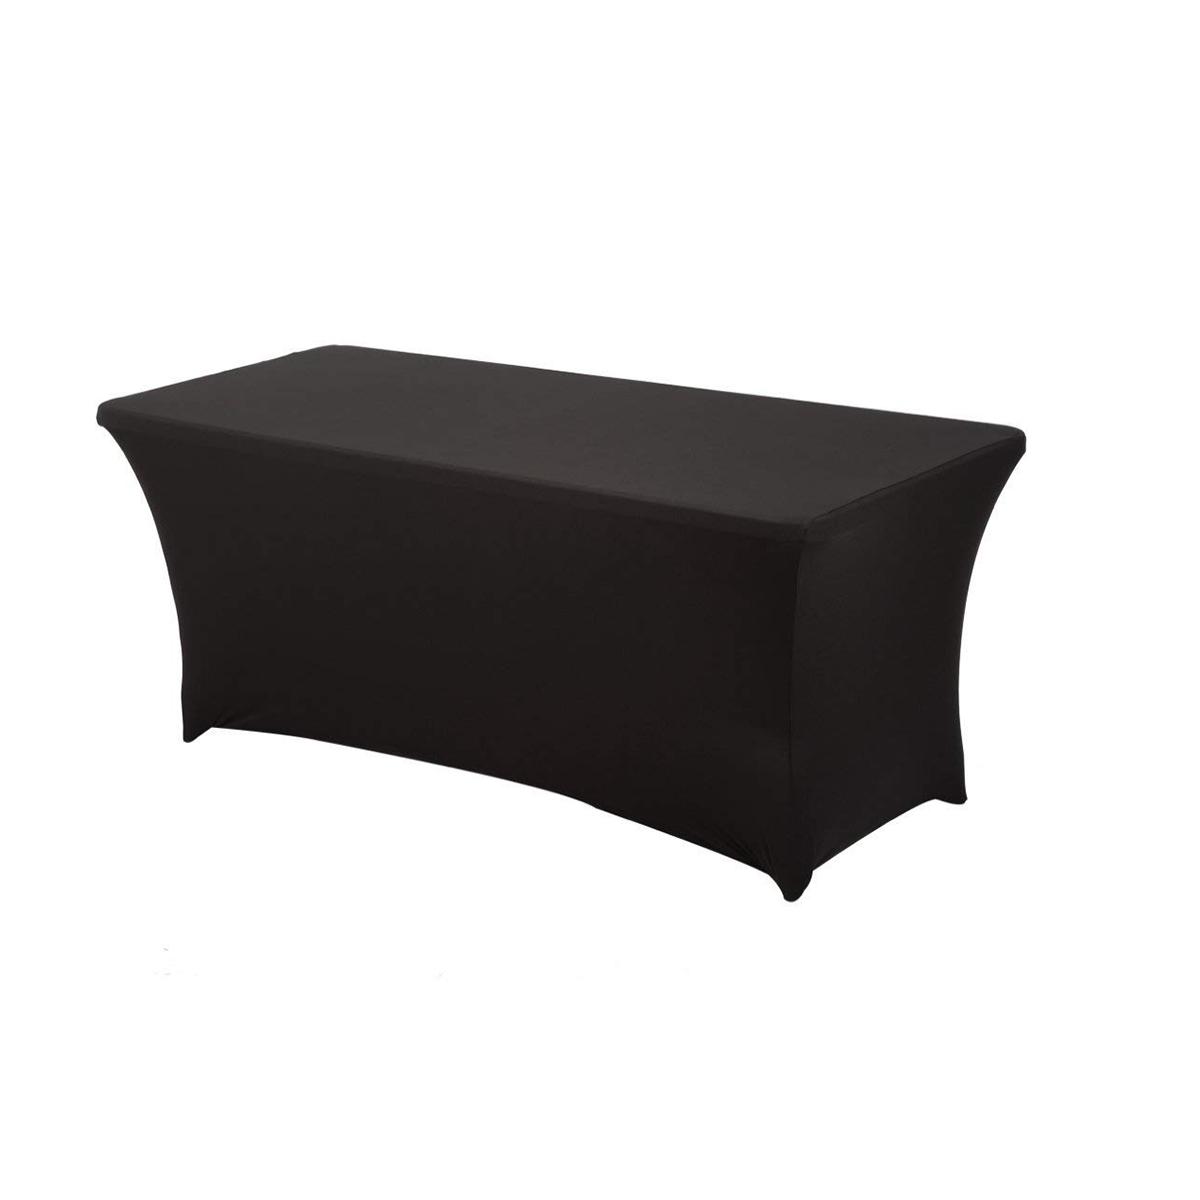 Immagine Copritavolo nero elastico 180x80 cm